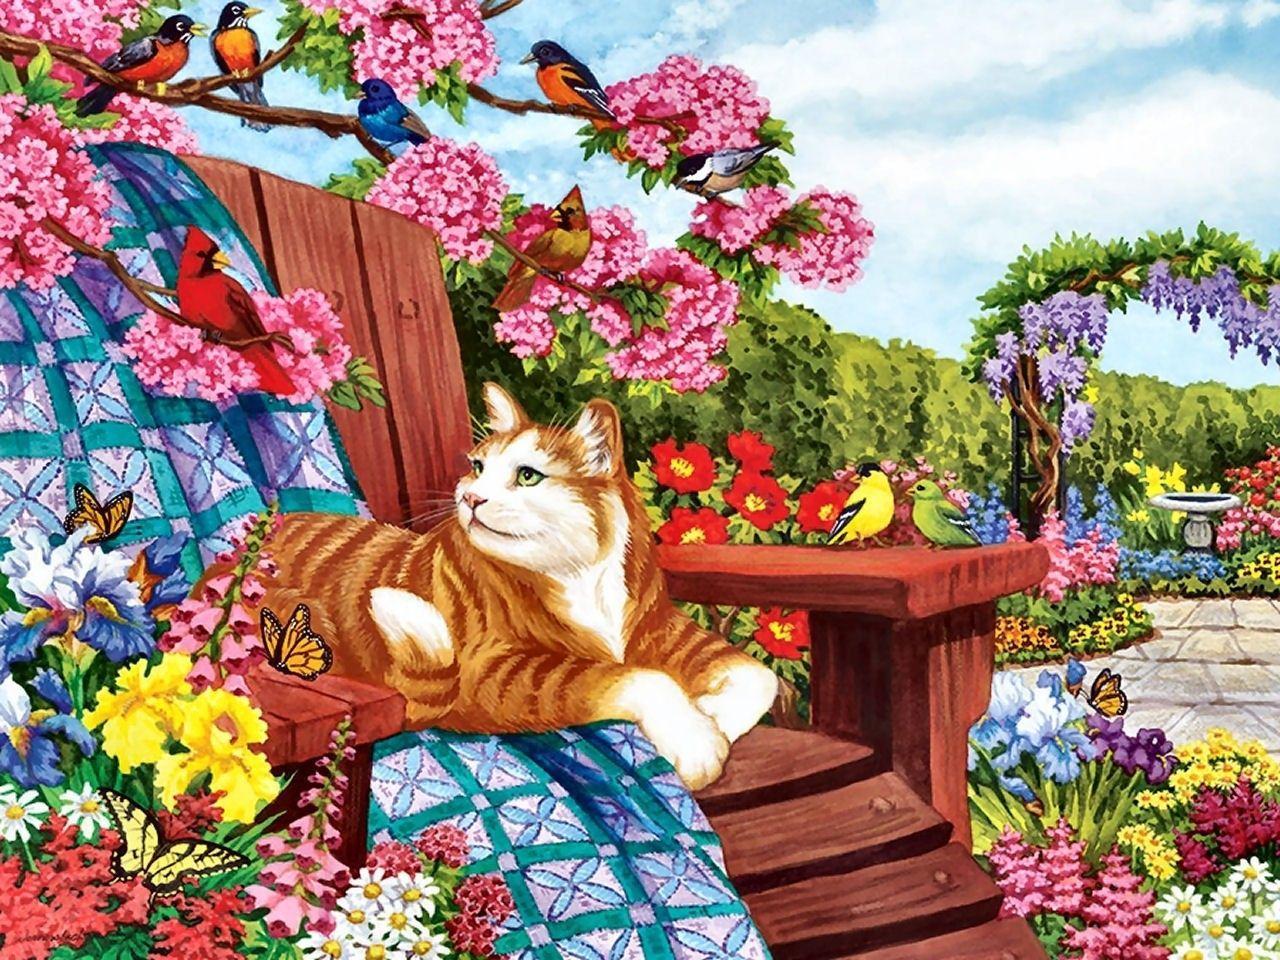 Картина раскраска по номерам 40x50 Кот греется в саду ...